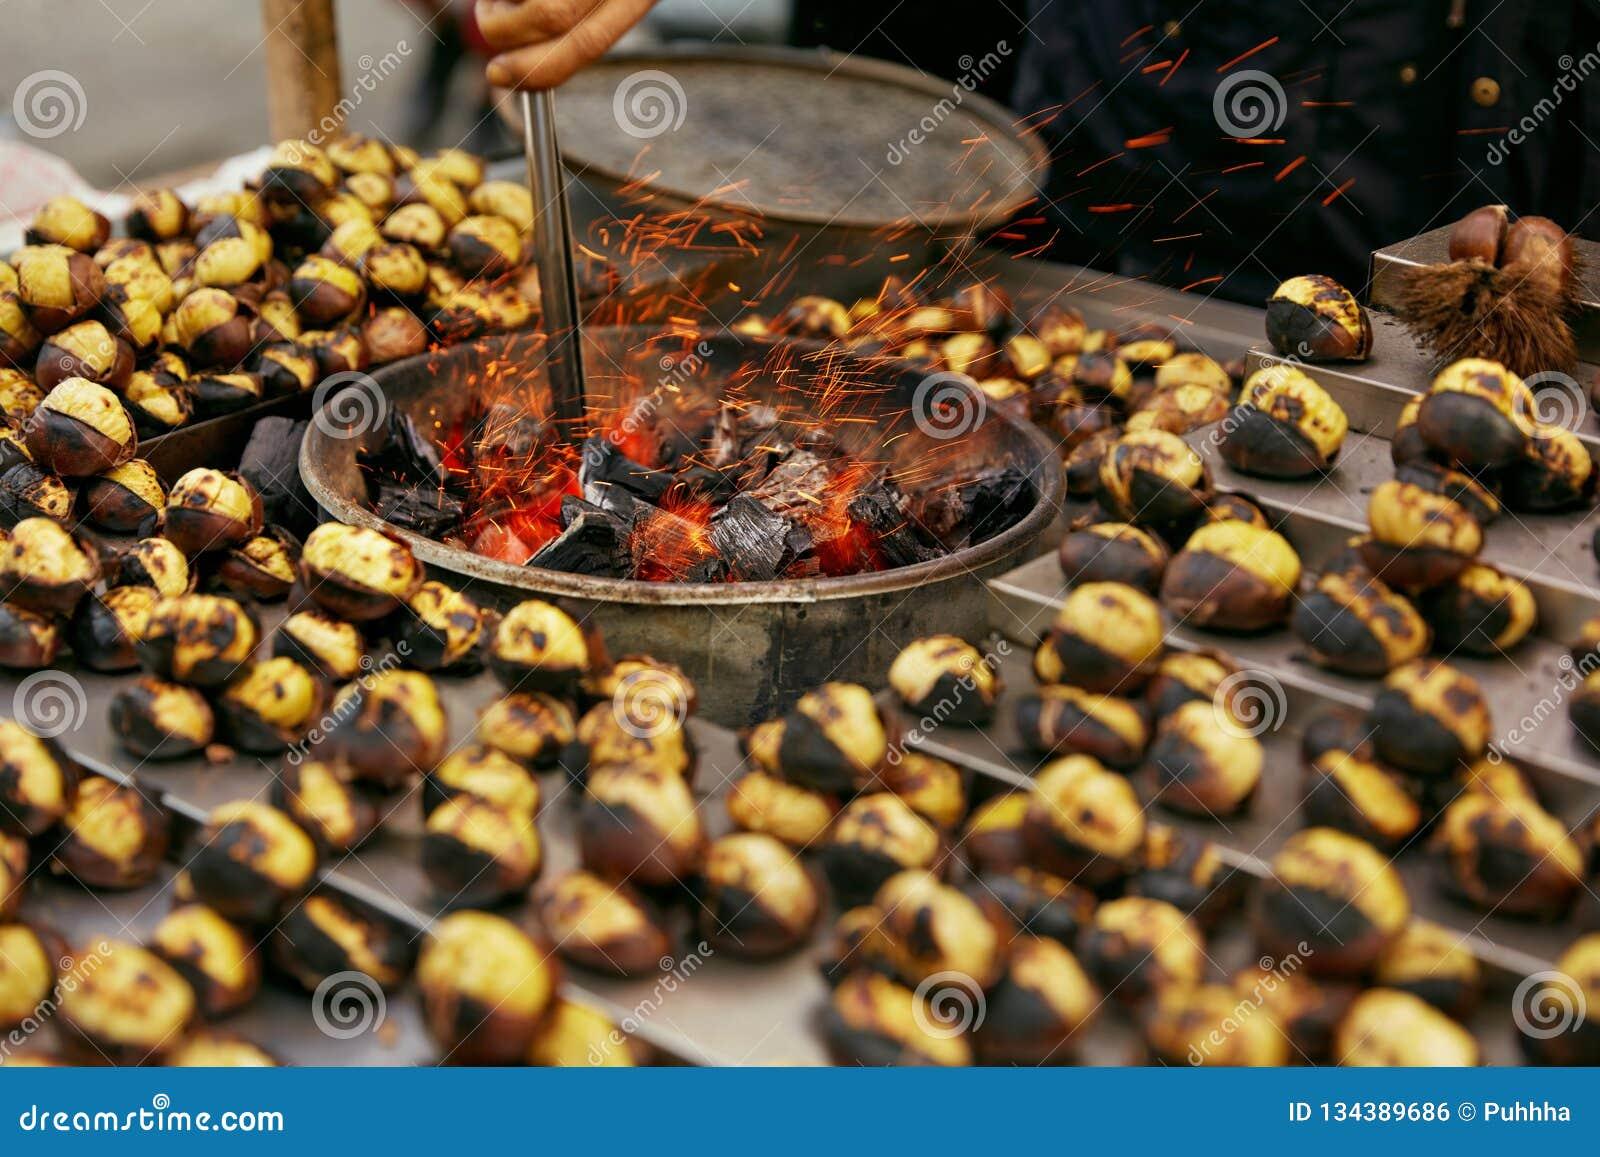 Uliczny jedzenie rynek Kulinarni Pieczeni kasztany Na węgla drzewnego zbliżeniu